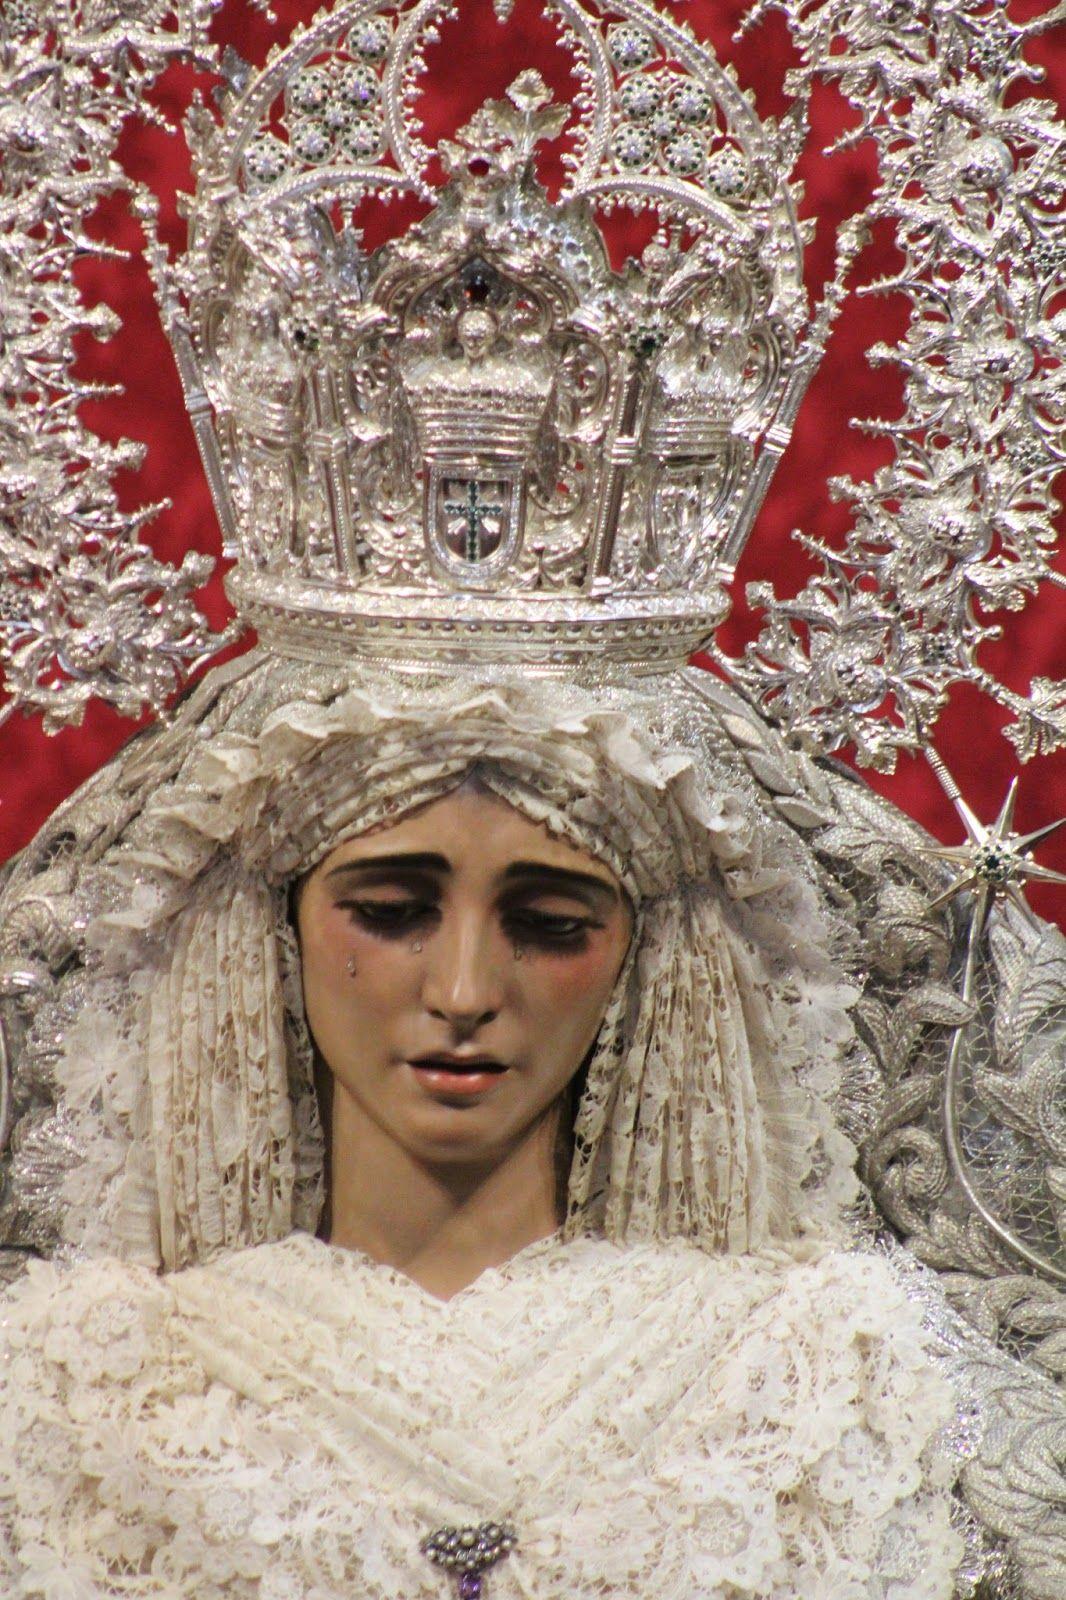 Nuestra Señora de la PAZ  Primera Cofradía de la que tengo RECUERDO. Seguro que muchos deseamos qué su nombre,¡PAZ! sea el que impere en TODO EL MUNDO. 💖🌹